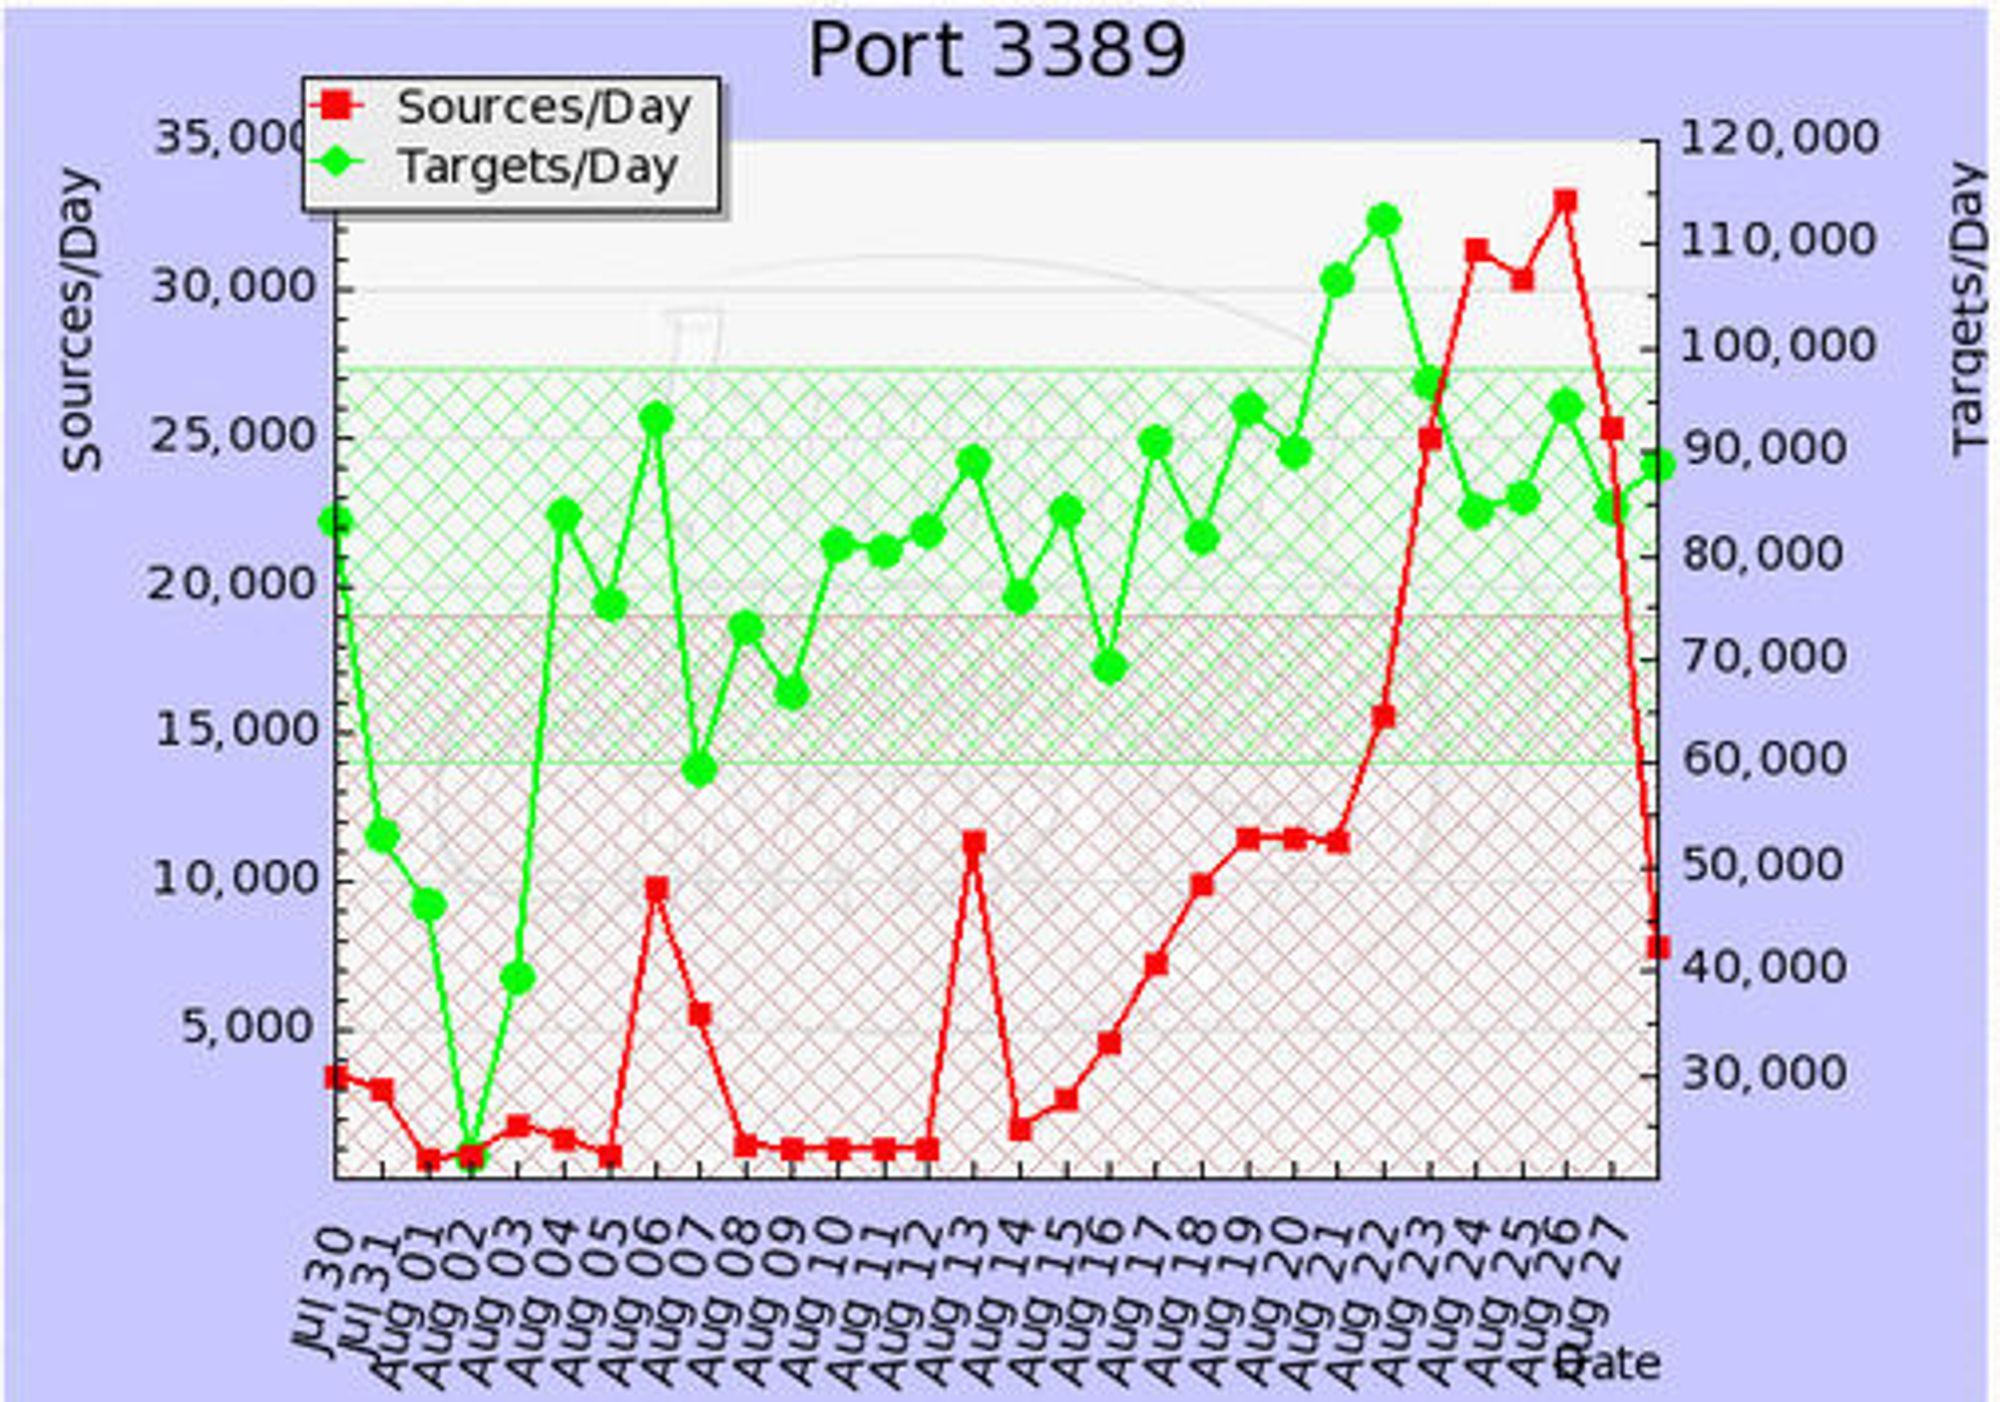 Antallet registrerte maskiner som har benyttet port 3389 per dag ifølge Internet Storm Center.